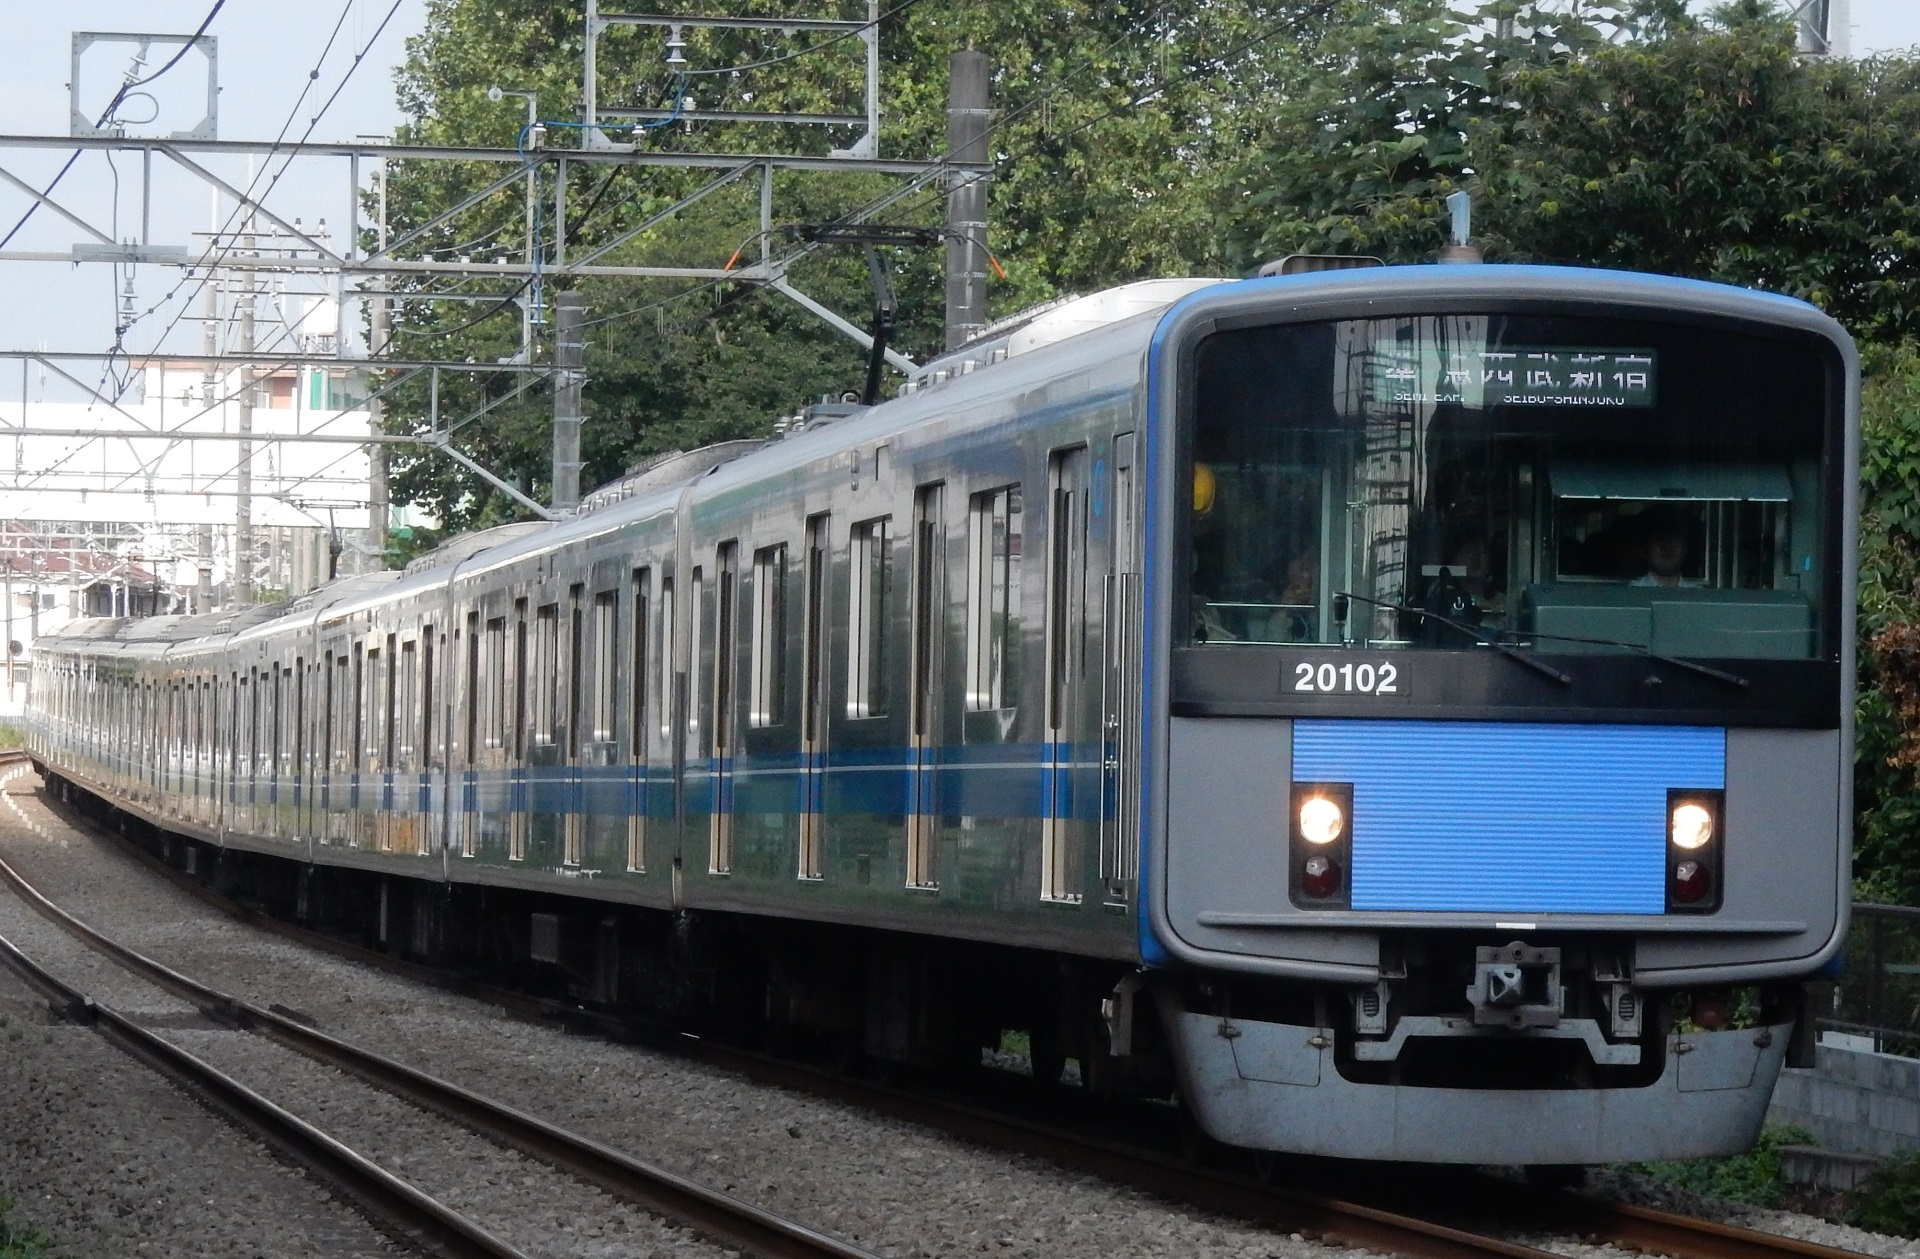 DSCN4868 - コピー